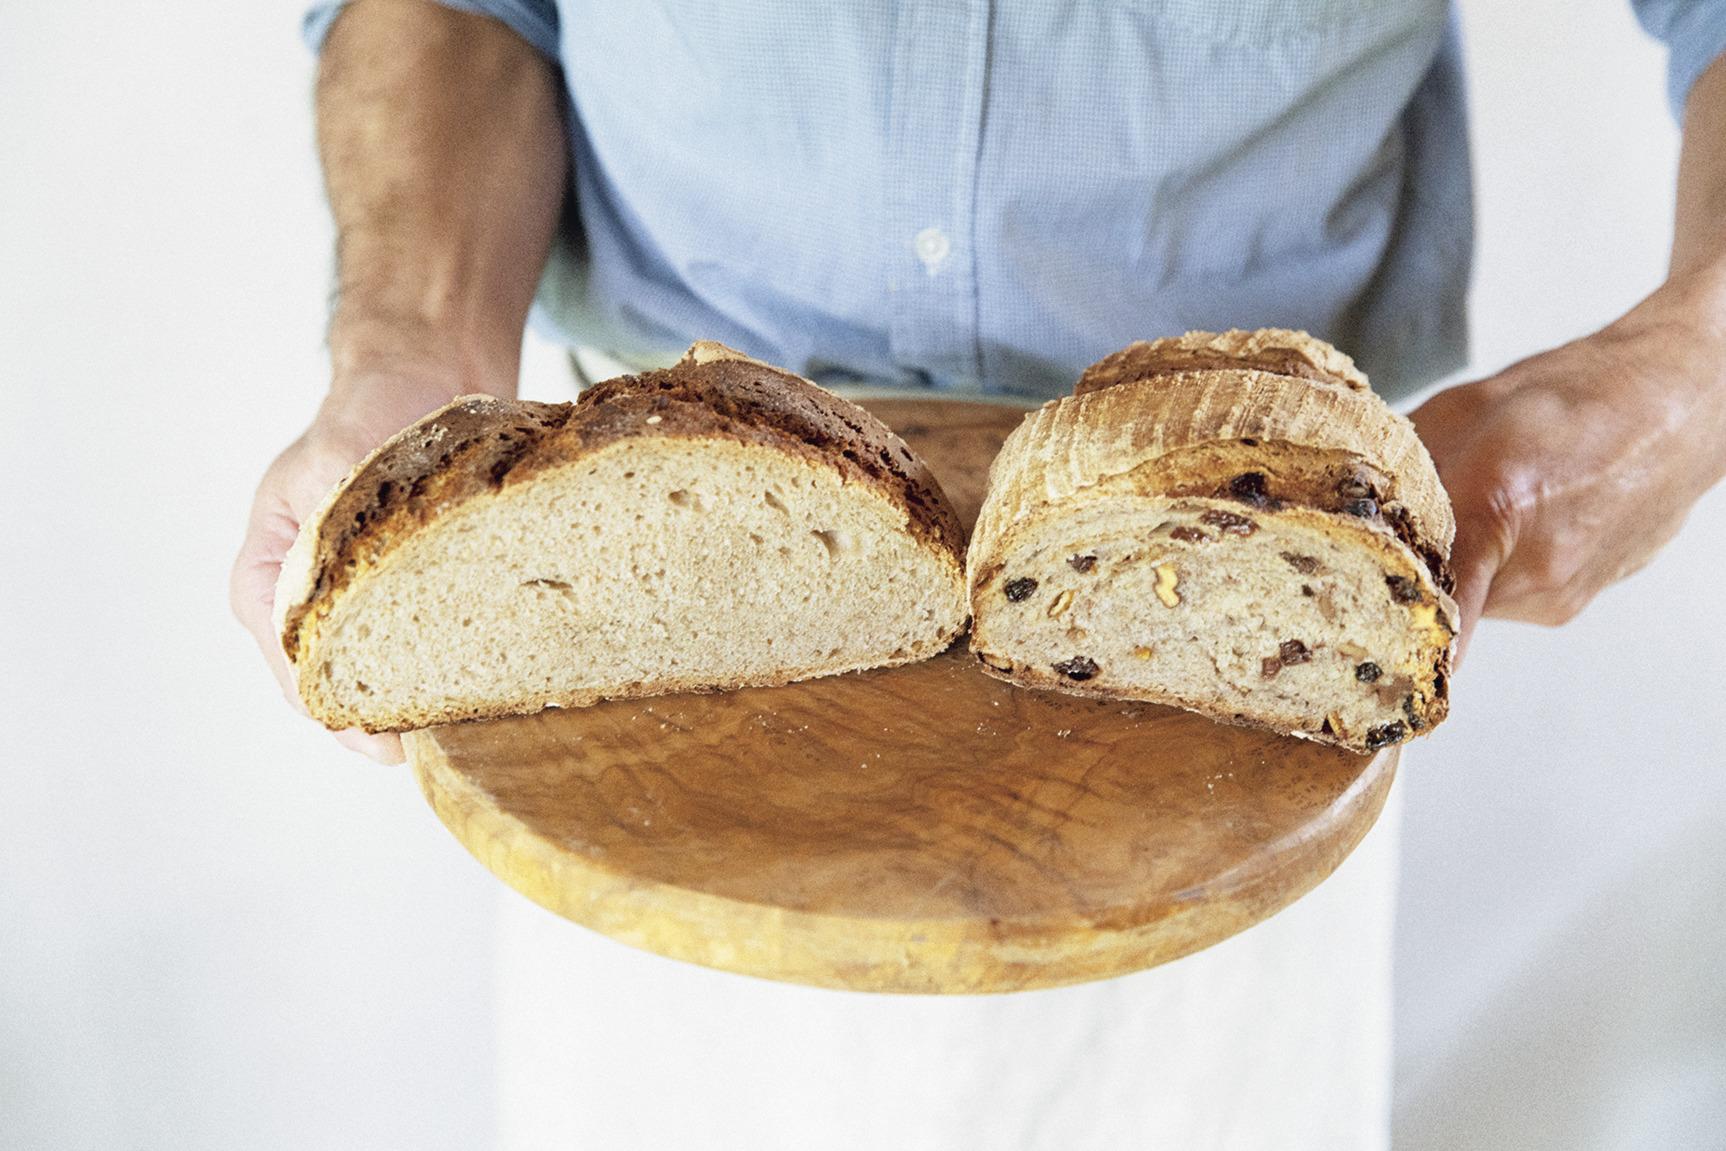 こだわりの1種類で勝負するパン屋さん5軒。【全国】店主の愛情が注がれた、究極の一品を求めて。